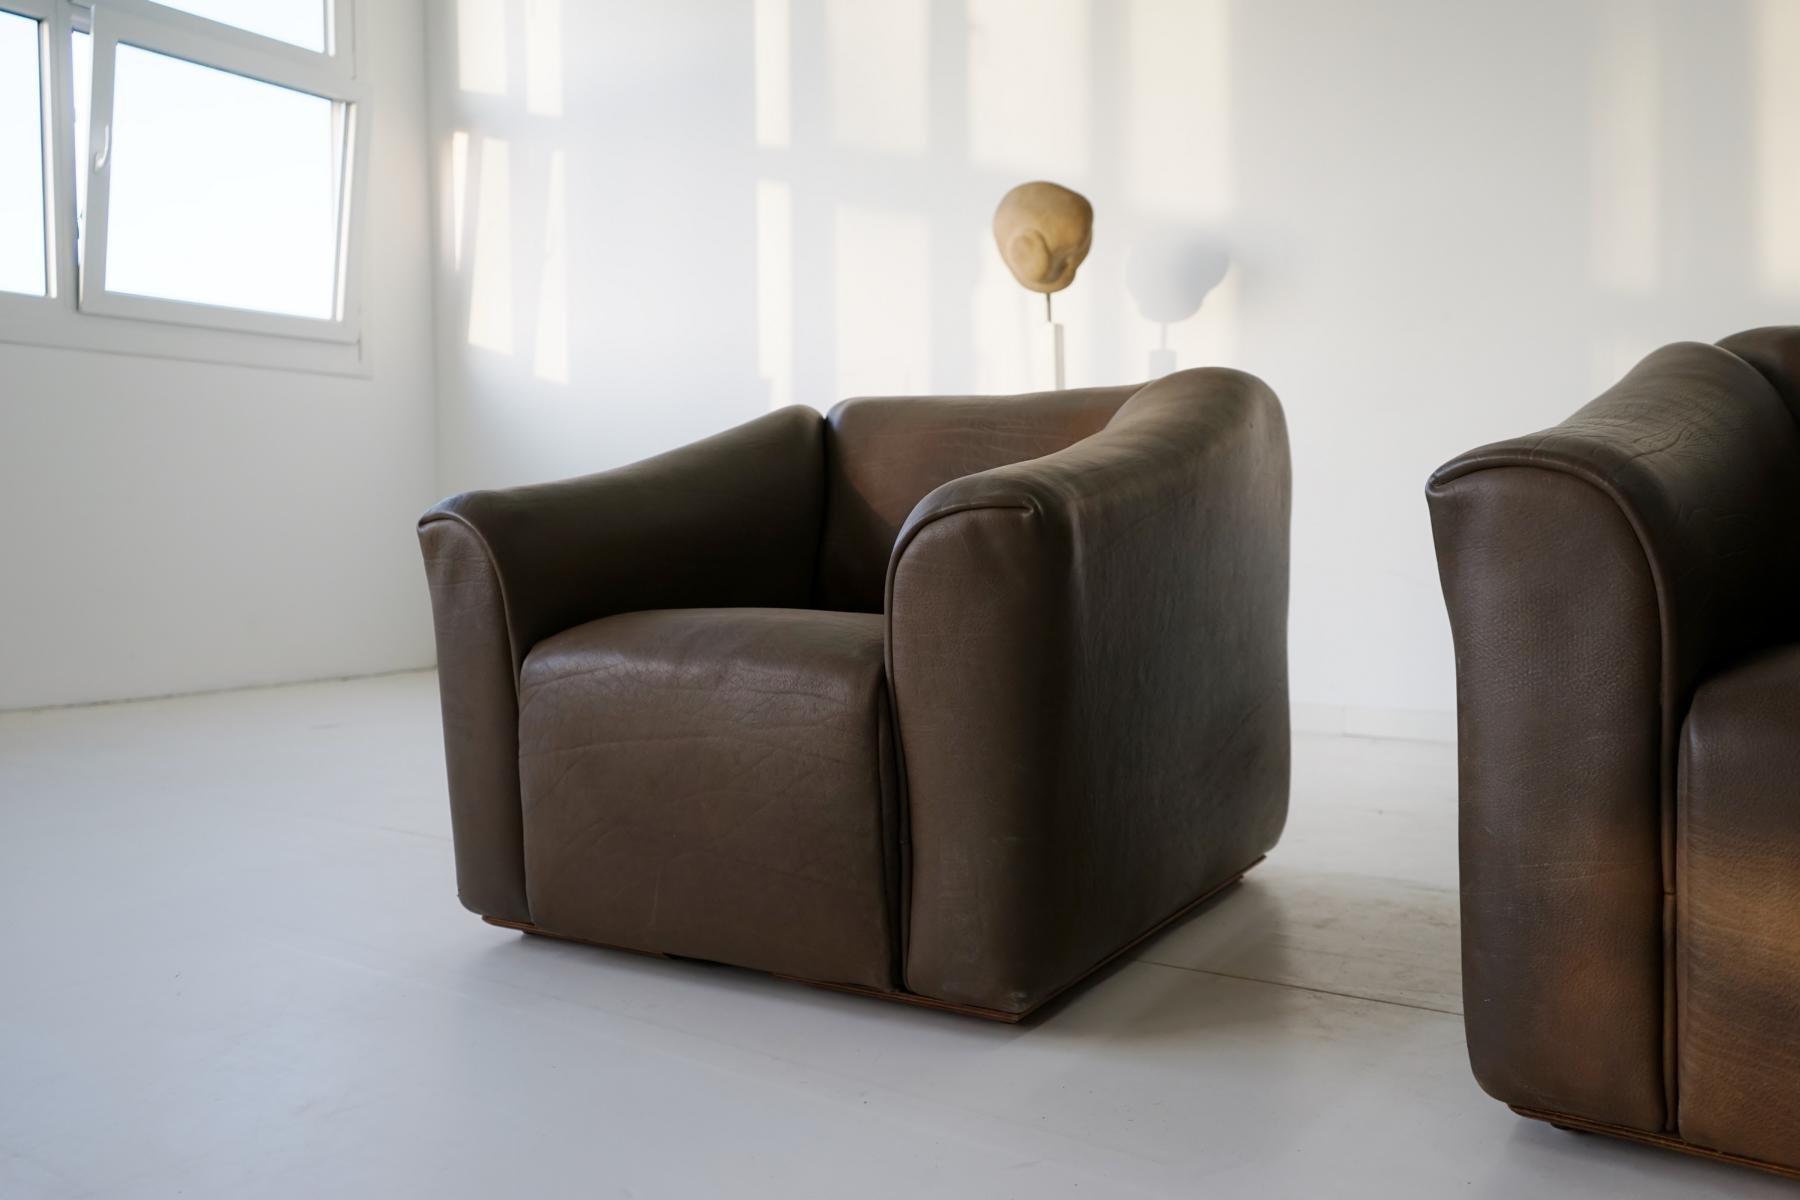 De Sede Sessel Klassiker Inspirierend Couch Sessel Leder Element